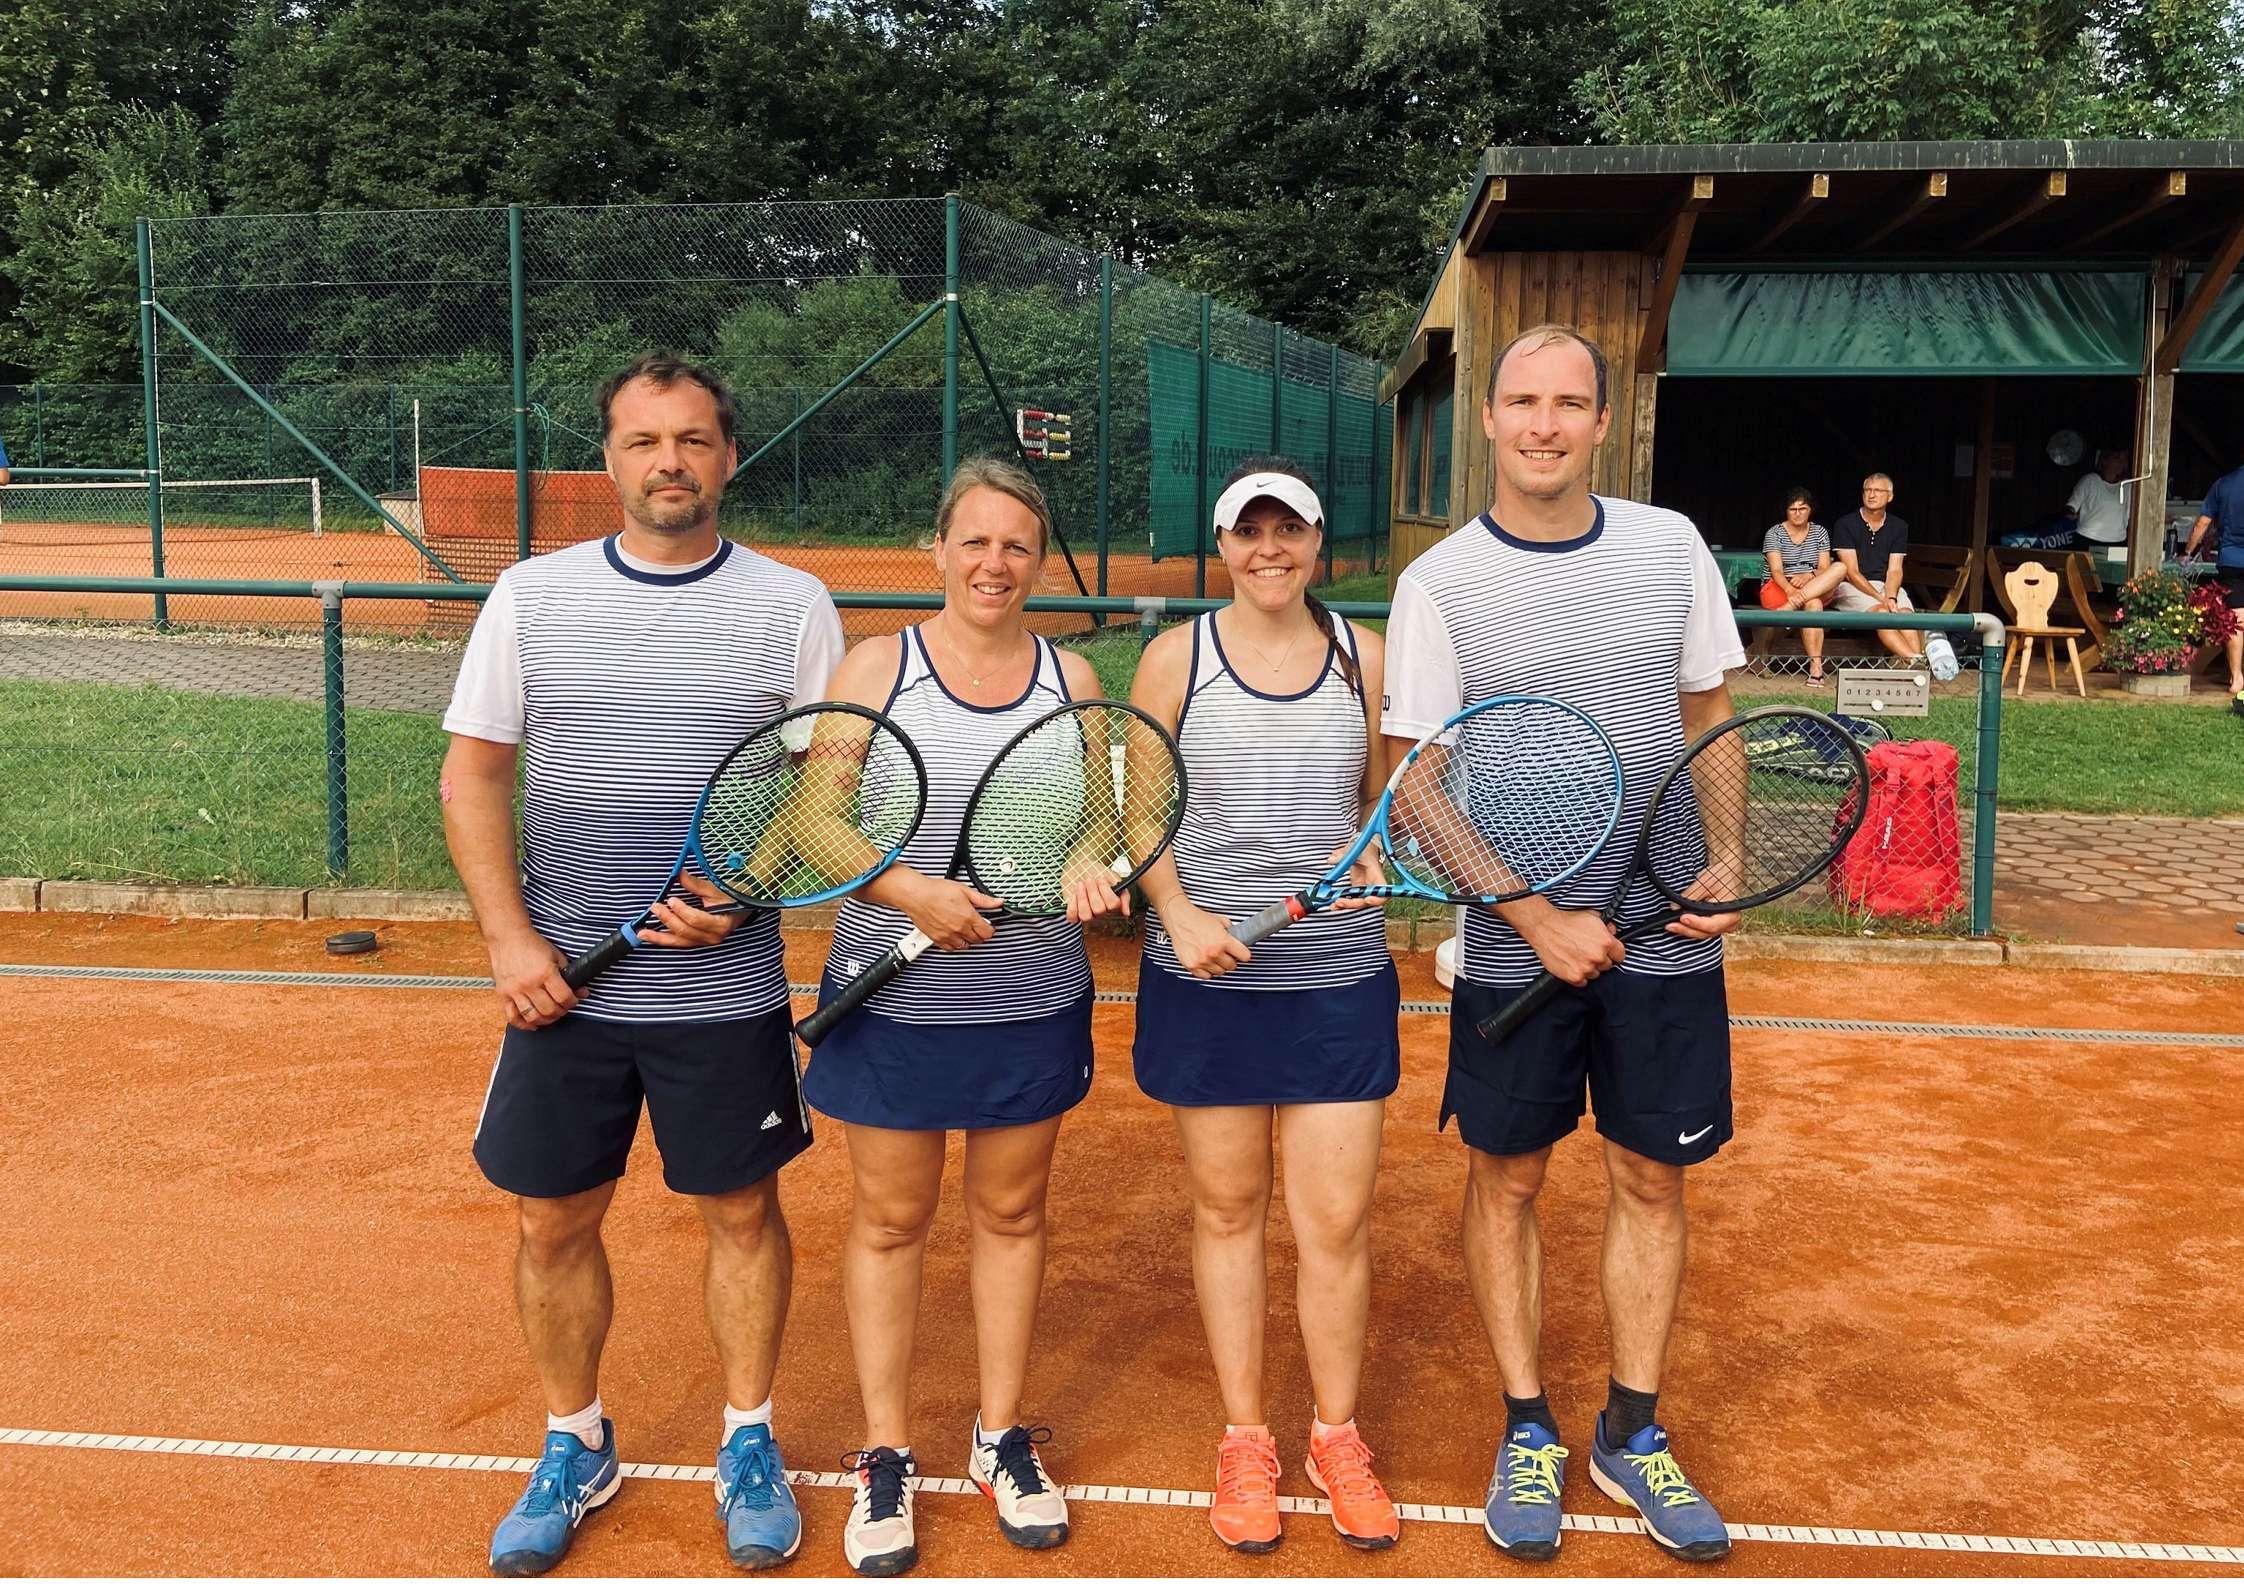 v.l.: Steven und Nadine Potrykus, Lisa Zanker, Andreas Prestele